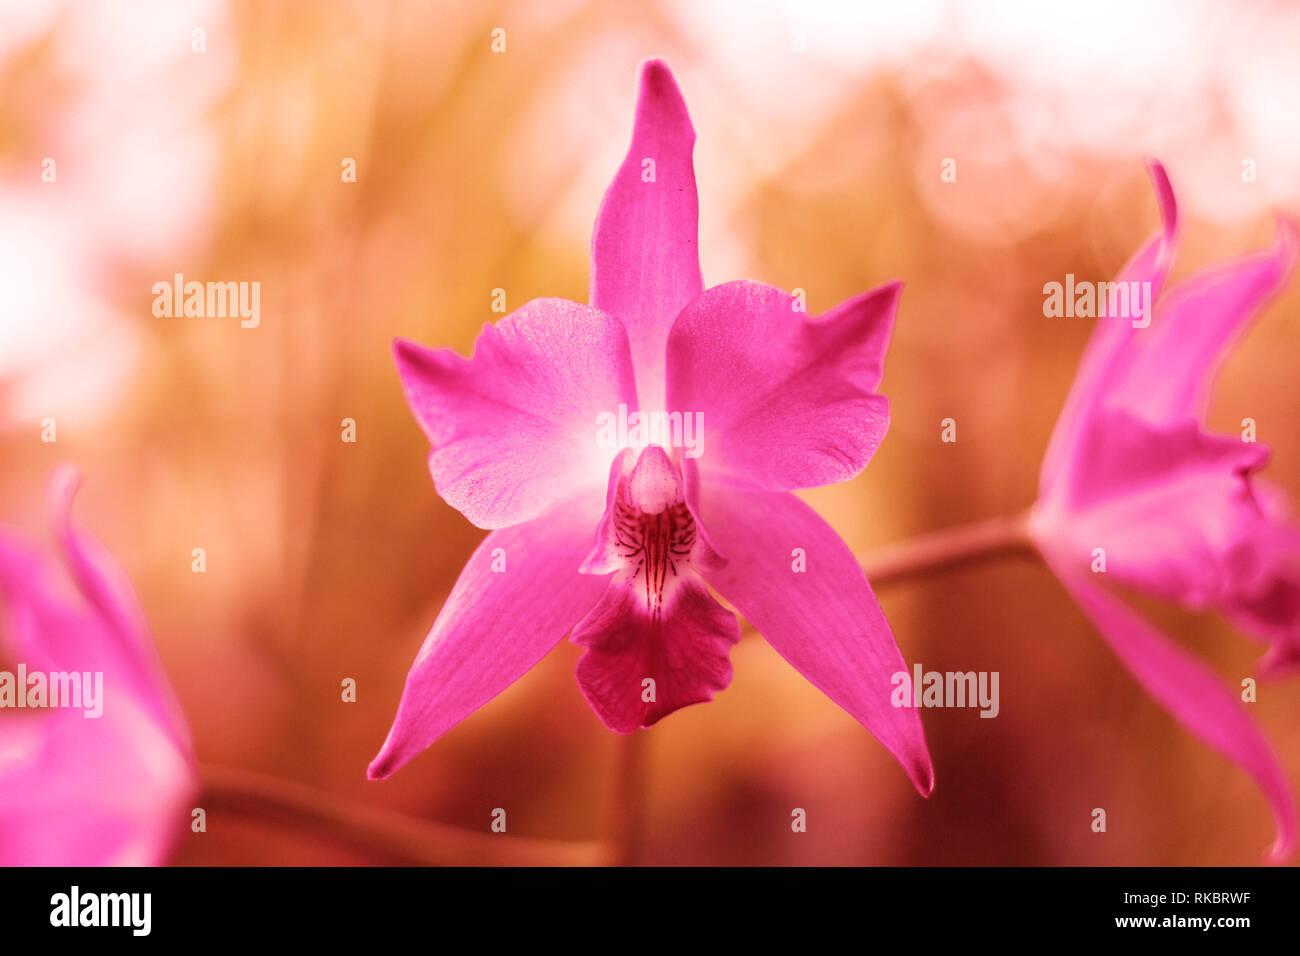 Orchidée fleur dans les tons de l'année hipster de coraux vivants. Image en couleur corail vivant à la mode Photo Stock